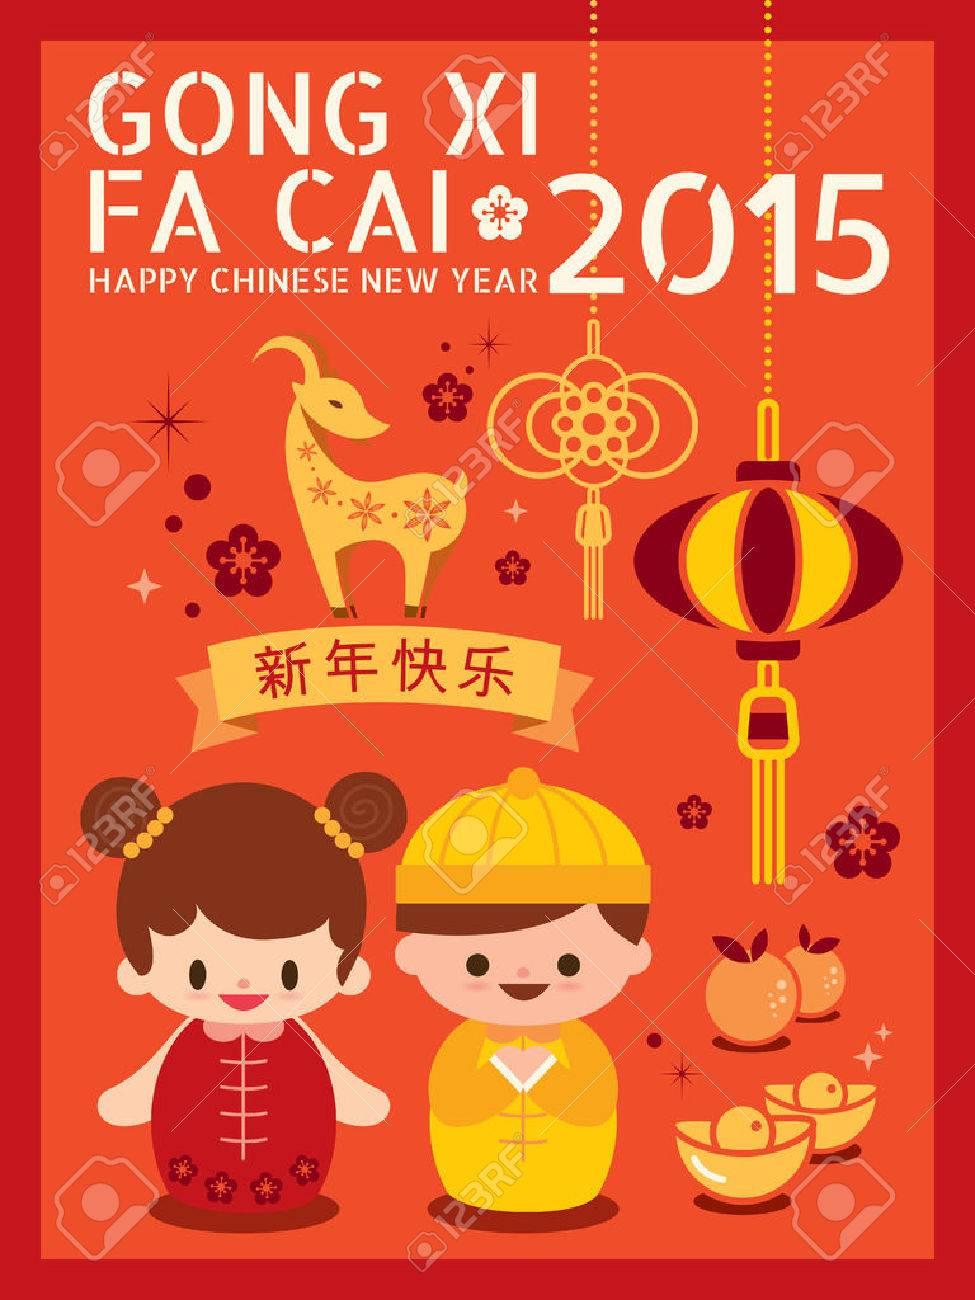 Chinesisches Neues Jahr Der Ziege 2015 Design-Elemente Mit \